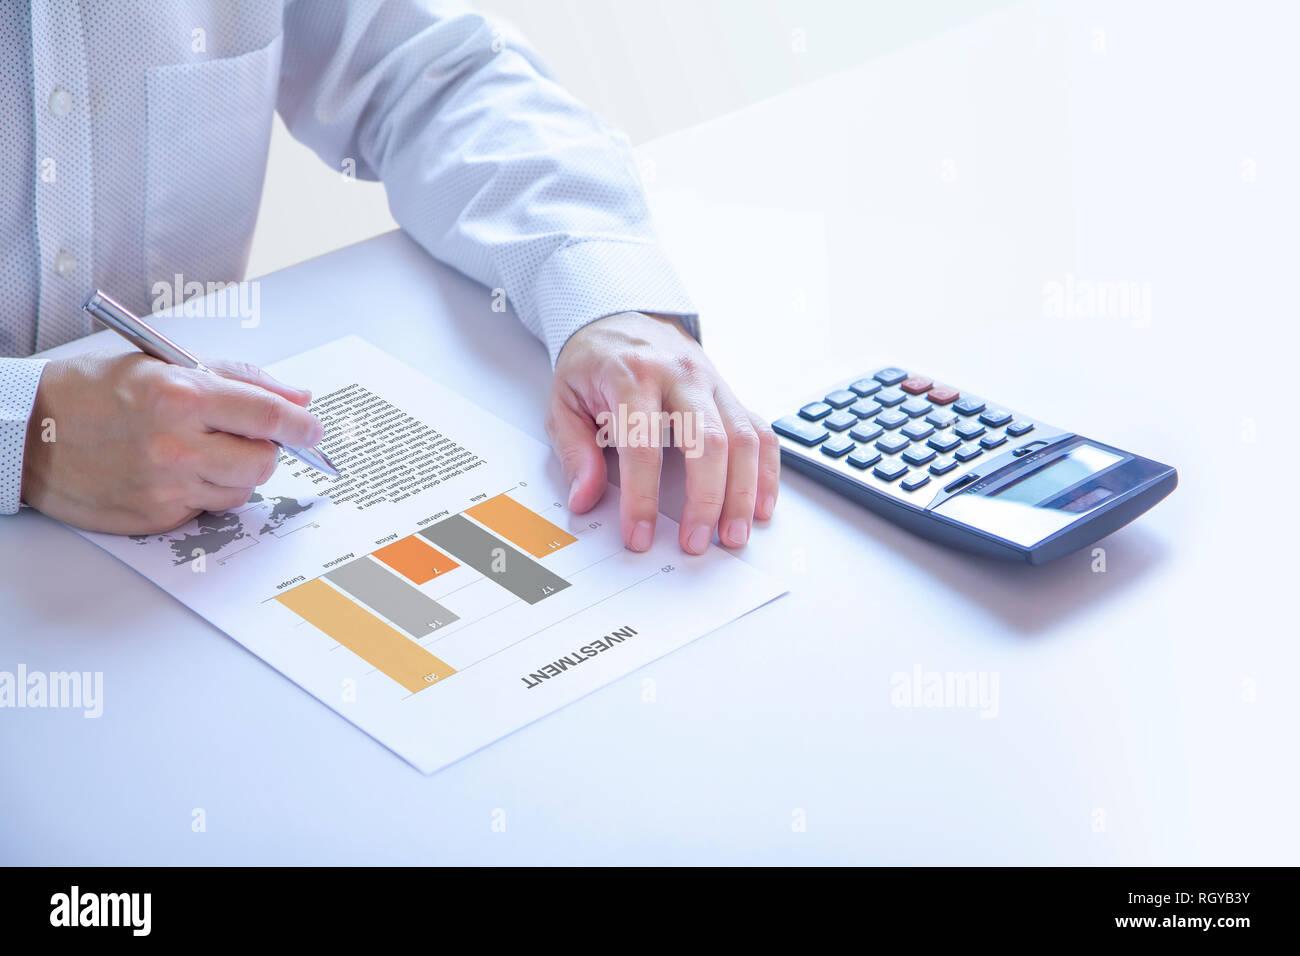 Geschäftsmann oder Analyst teilweise an seine Hände halten einen Stift auf ein Bericht abgeschnitten, die Analyse von Risiko und Rendite - Stockbild